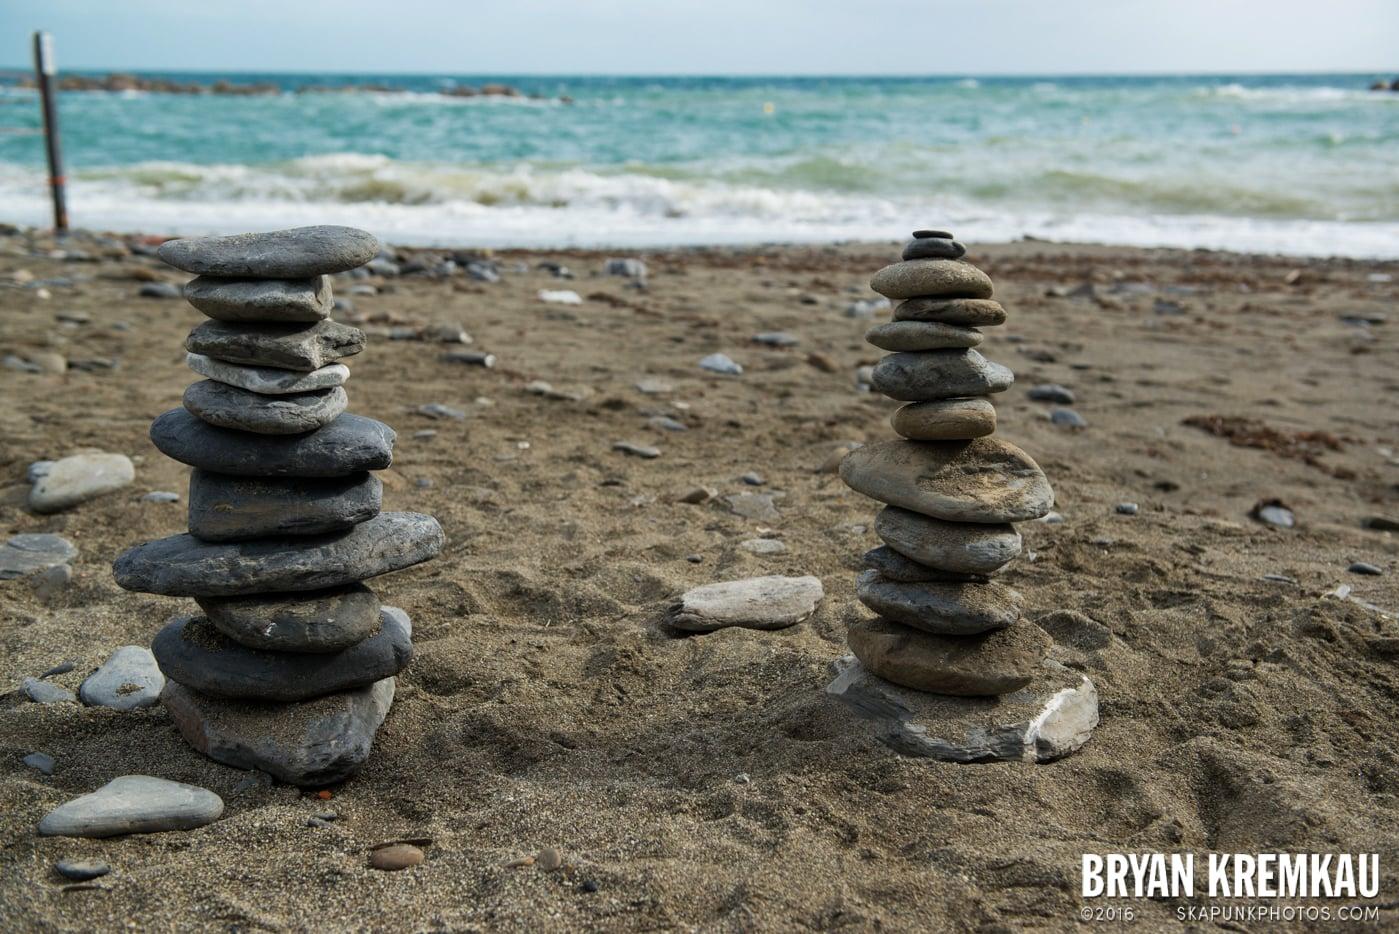 Italy Vacation - Day 10: Cinque Terre - 9.18.13 (12)